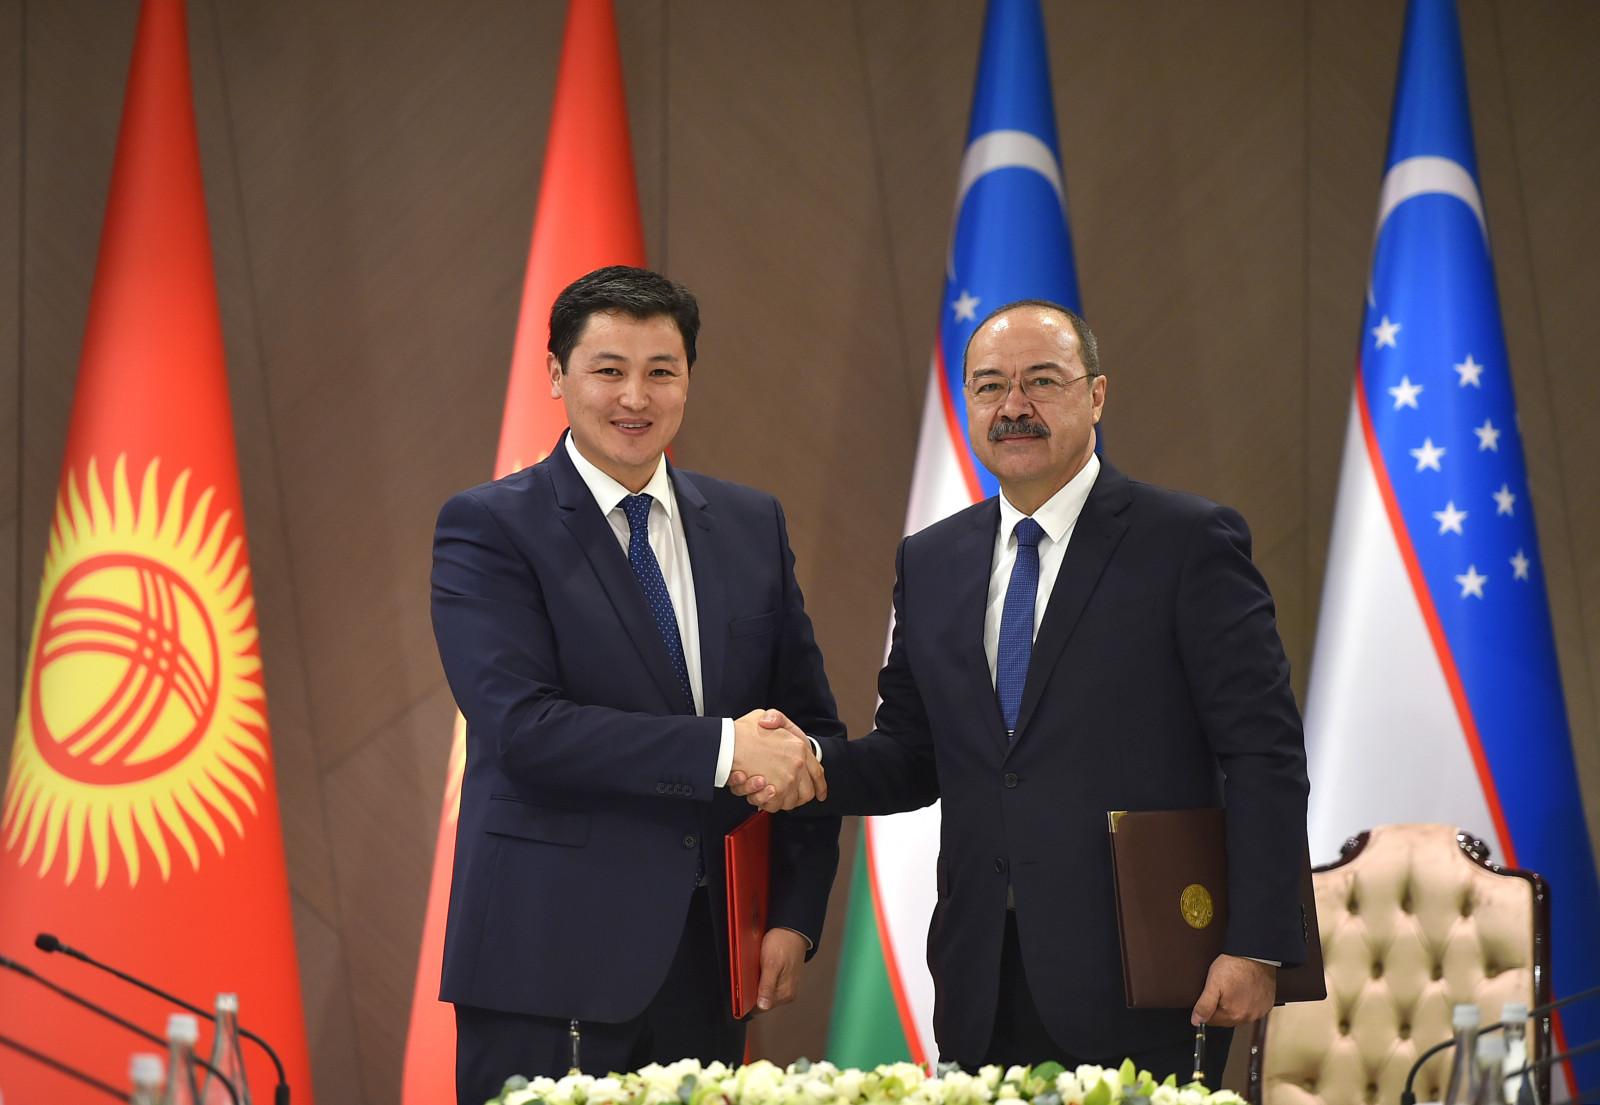 Узбекистан готов принять участие в строительстве железной дороги «Китай – Кыргызстан – Узбекистан»